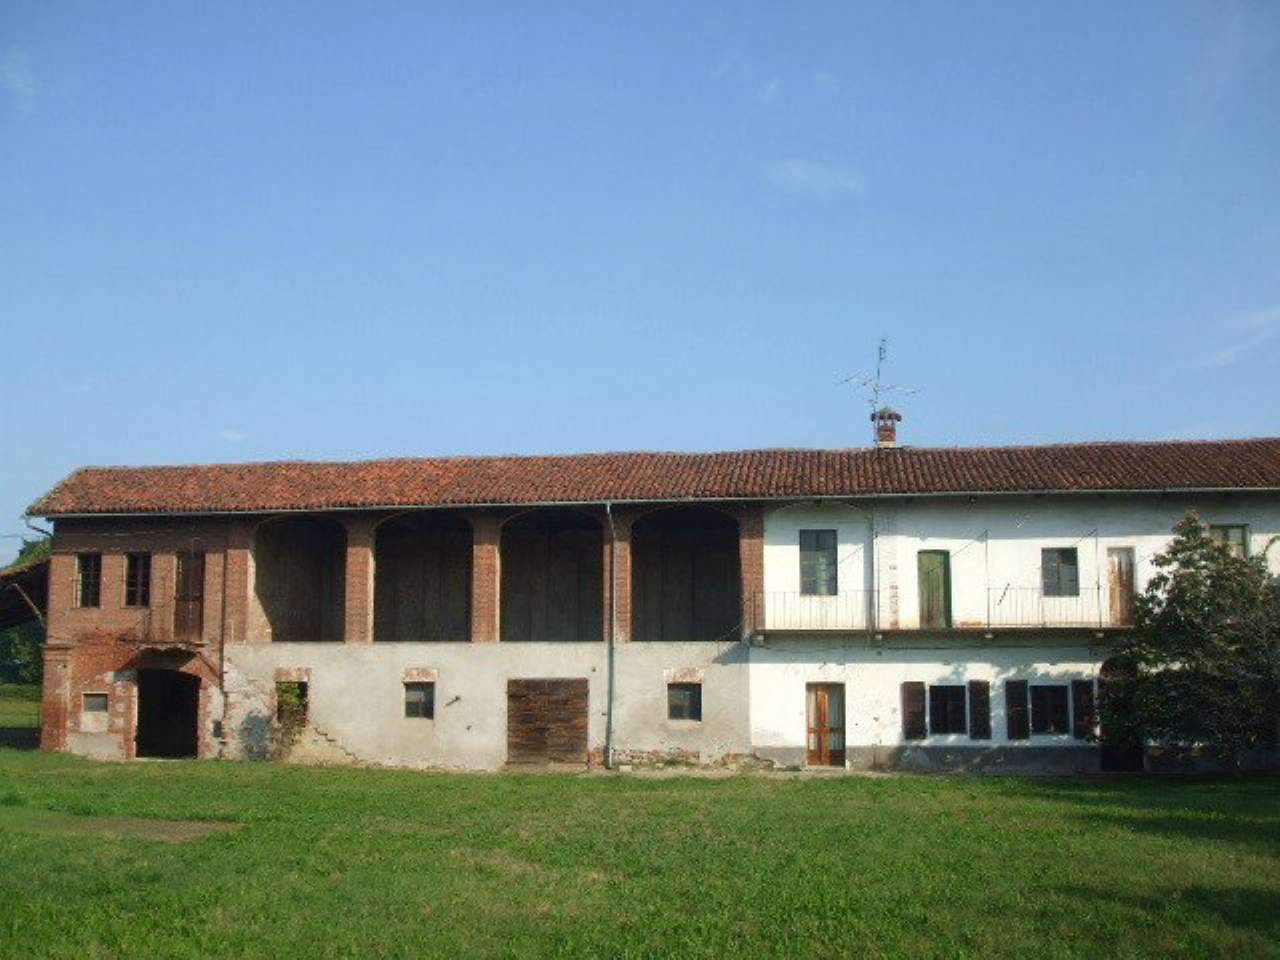 Rustico / Casale in vendita a Pinerolo, 6 locali, prezzo € 350.000 | Cambio Casa.it